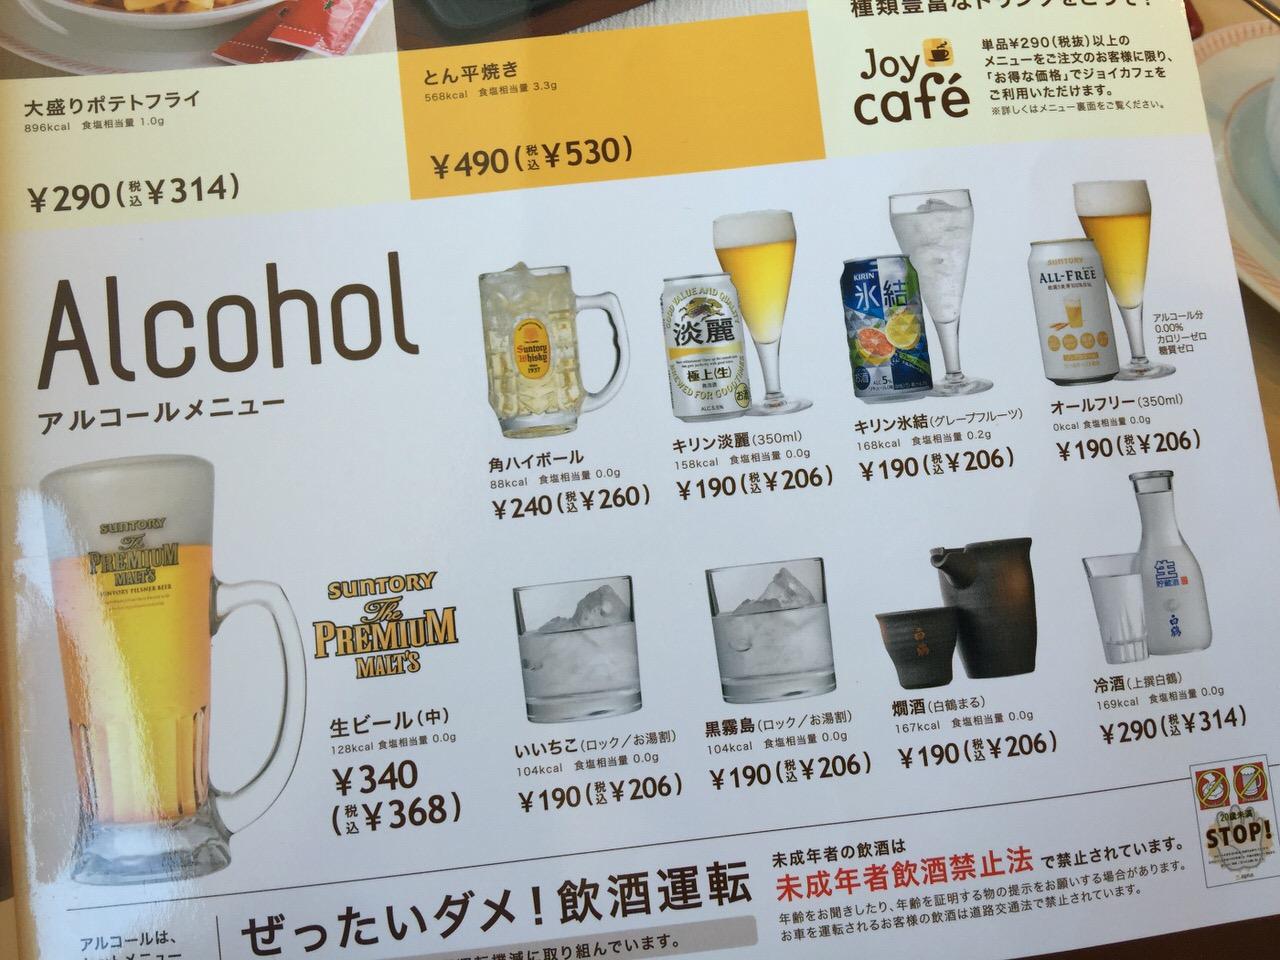 Joyfull yashio 7805